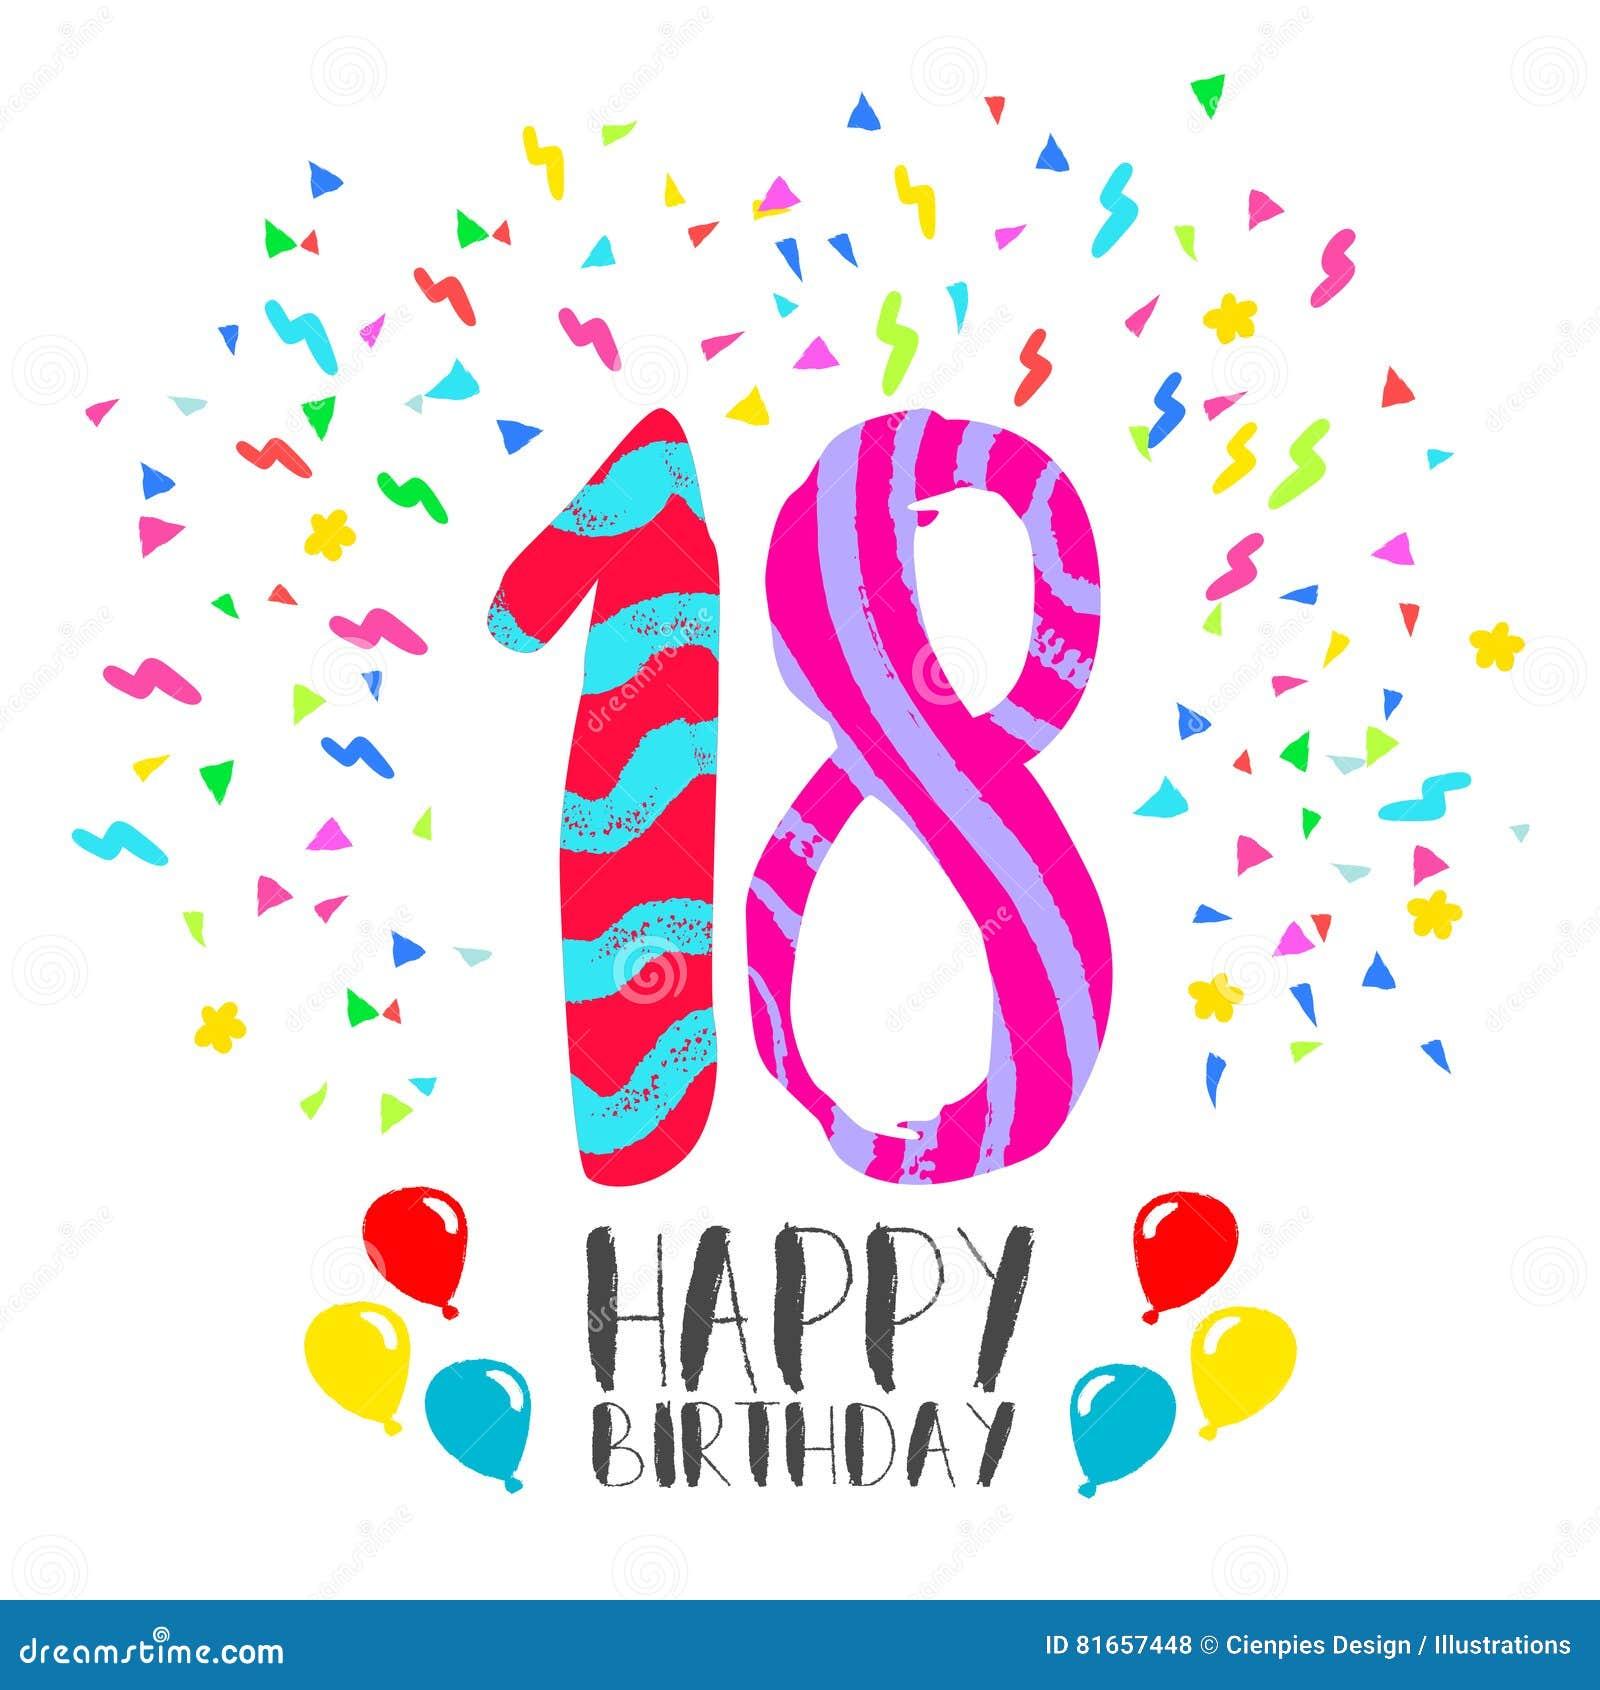 18 år födelsedag Lycklig Födelsedag För Kort För 18 år Partiinbjudan Vektor  18 år födelsedag